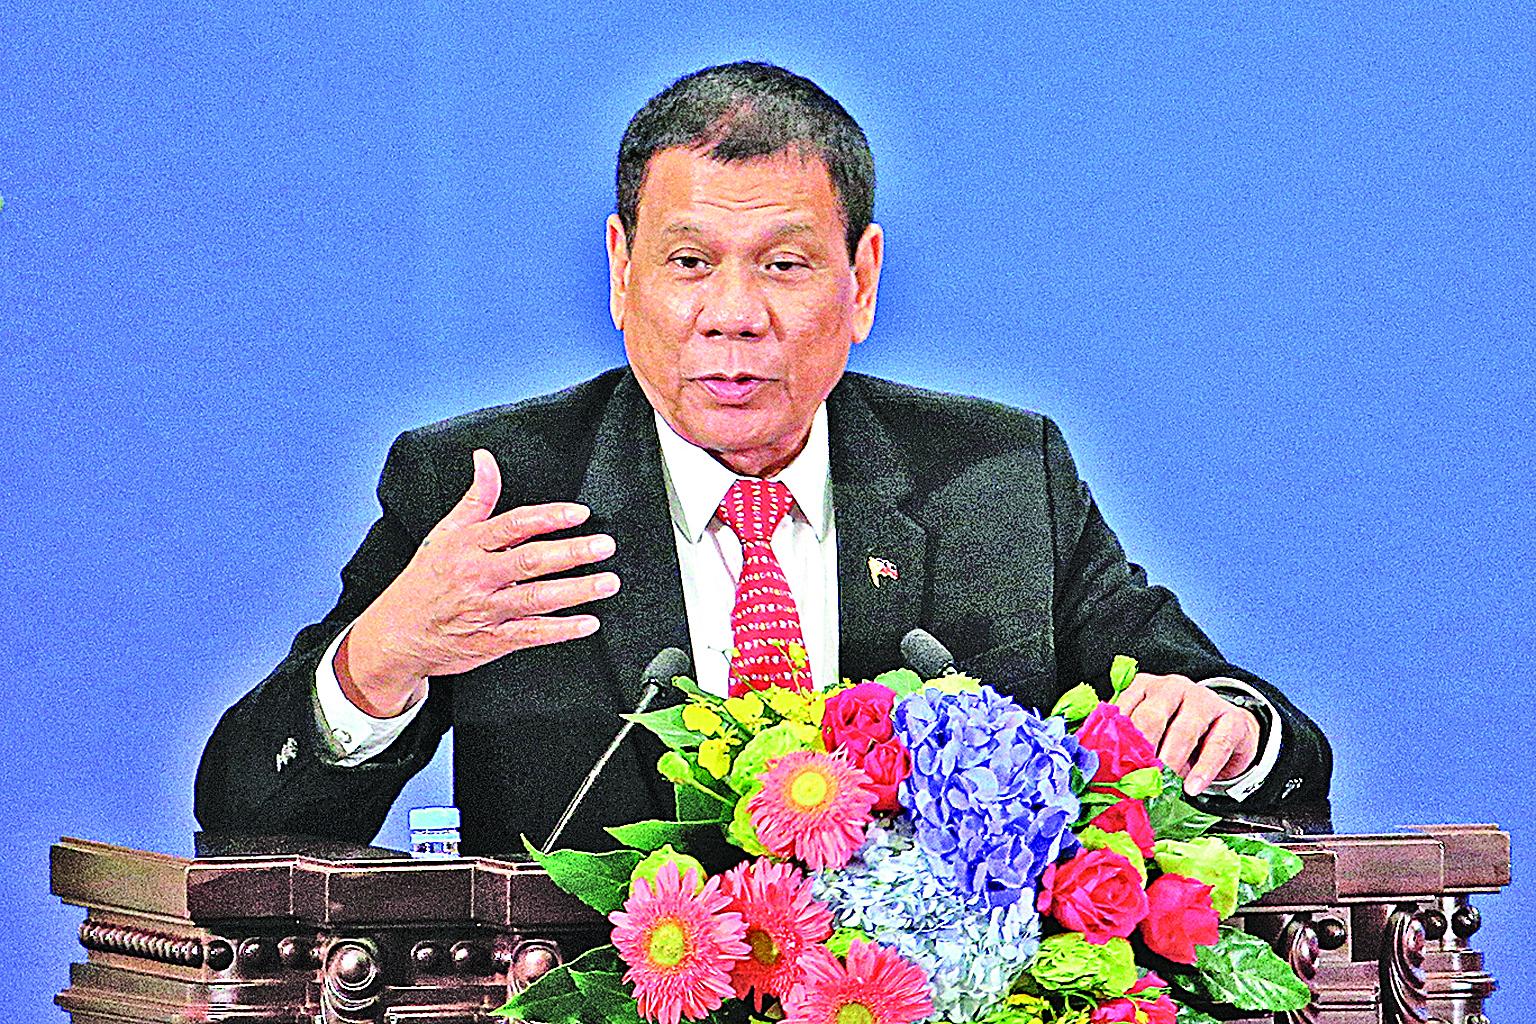 2016年10月20日,菲律賓總統杜特爾特訪問中國,在北京發表演講。(Getty Images)